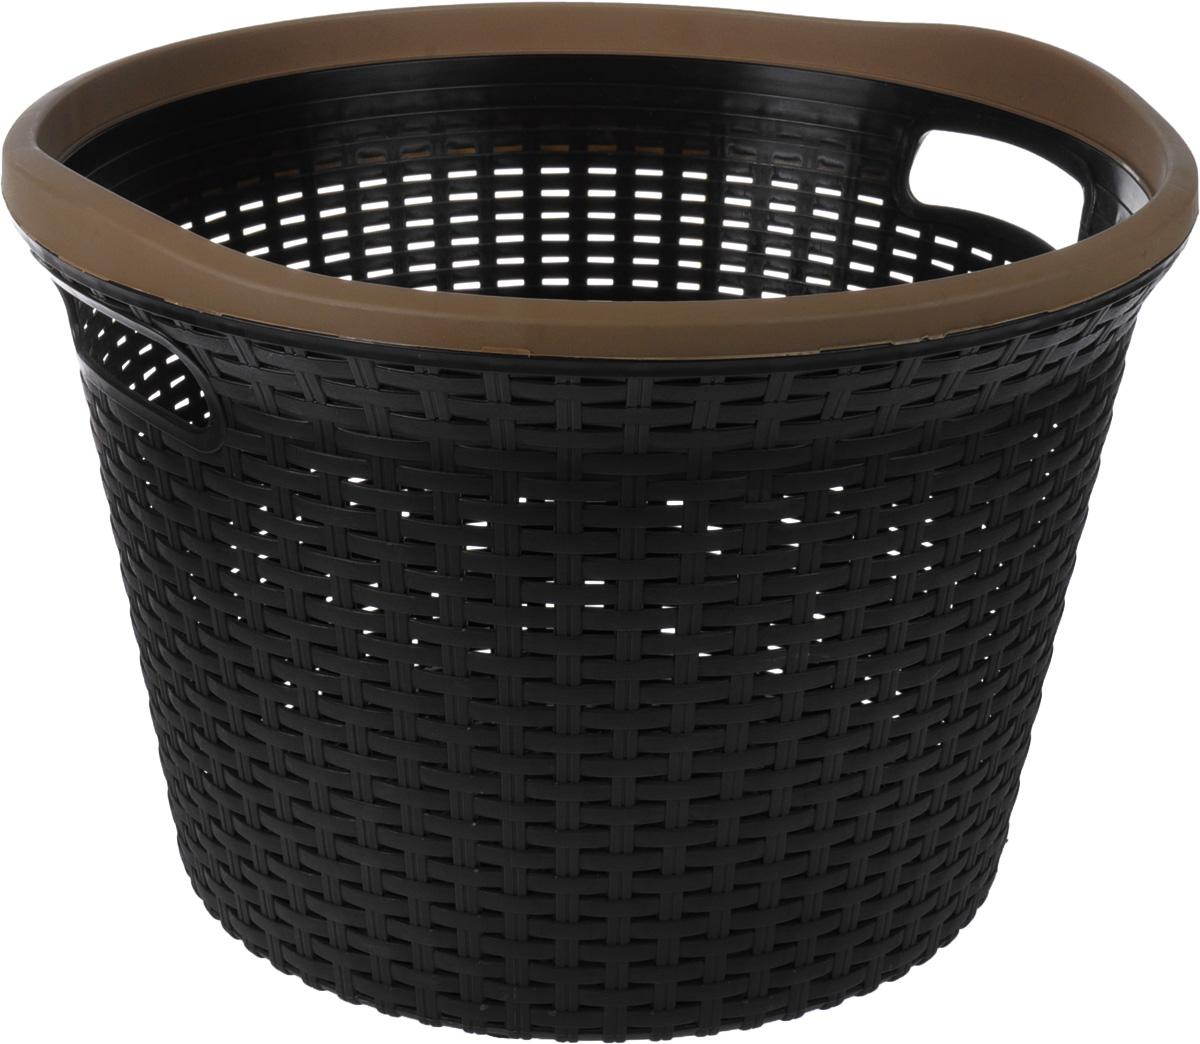 Корзина Полимербыт Артлайн, универсальная, круглая, 32 лС440Корзина для белья Полимербыт Артлайн изготовлена из пластика с эффектом плетения. Оснащена двумя ручками для удобной переноски. Корзина легкая и надежная, гладкая и изящная, с вентиляционными отверстиями в стенках. Пластиковые корзины - идеальный вариант для влажного помещения, они не подвержены плесени, деформации, коррозии. Прекрасно подходят для хранения тонких, дорогих вещей, так как не оставляют зацепок и зазубринок, которые могут безнадежно испортить вещь. Объем: 32 л.